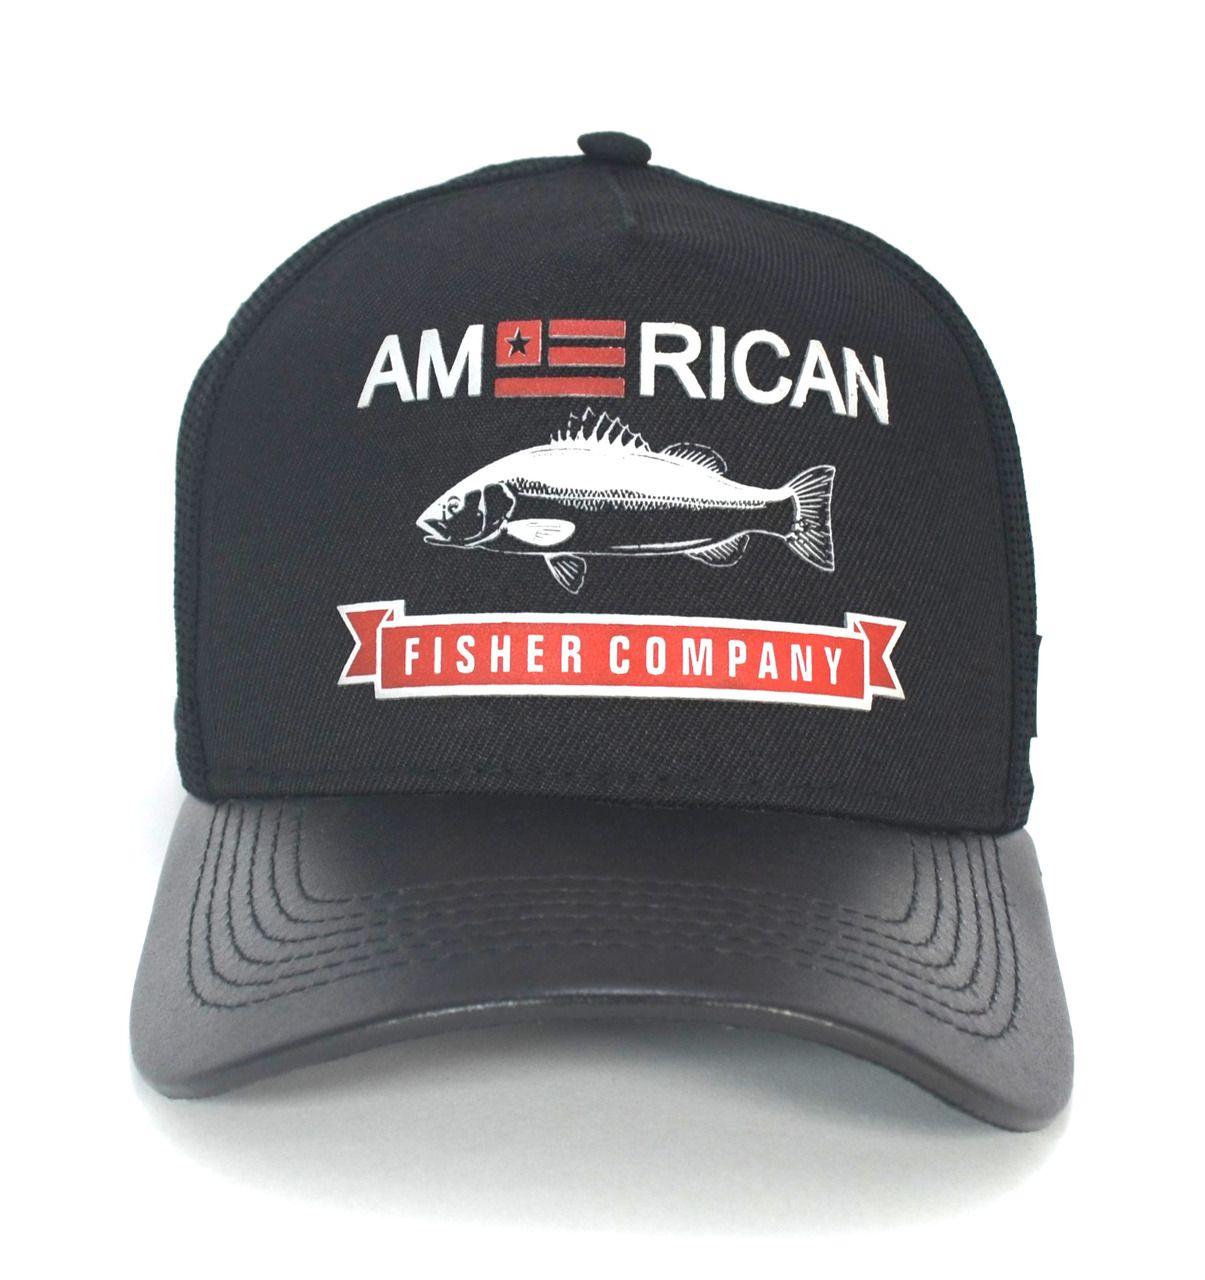 Boné Pesca Pescaria Preto Masculino Feminino Trucker Tela American Fisher Company